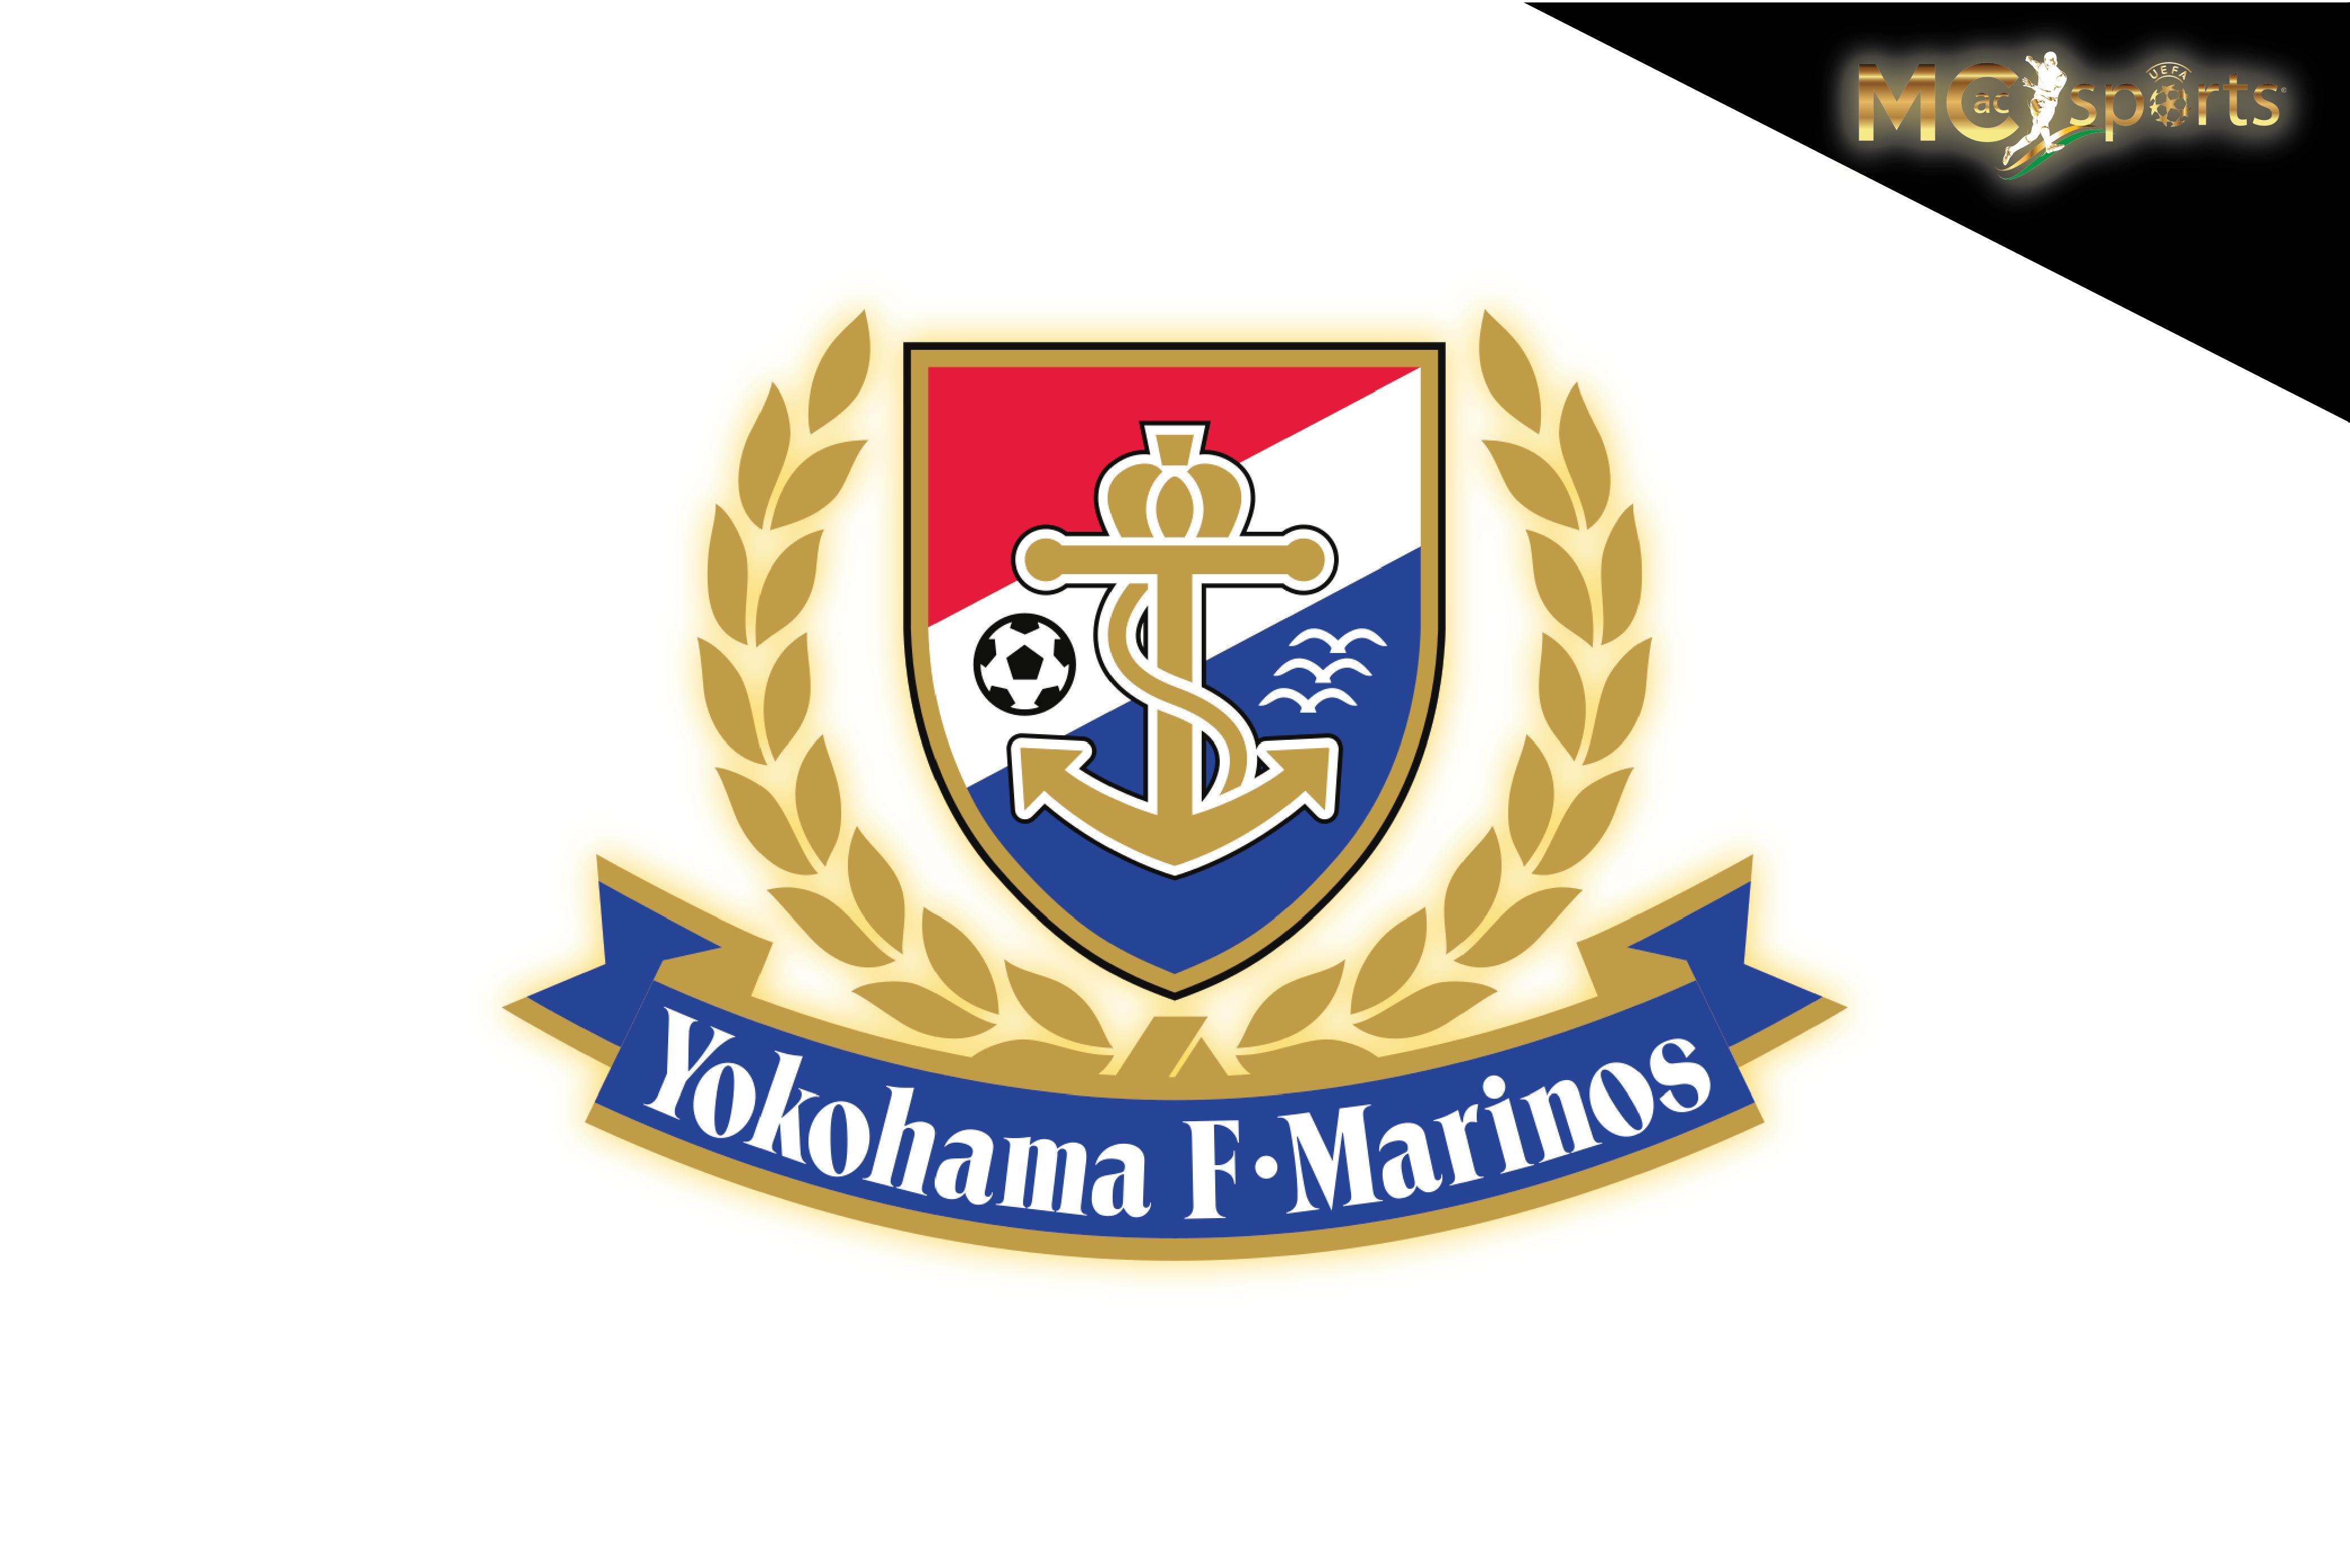 yogohama f marinos ufafever